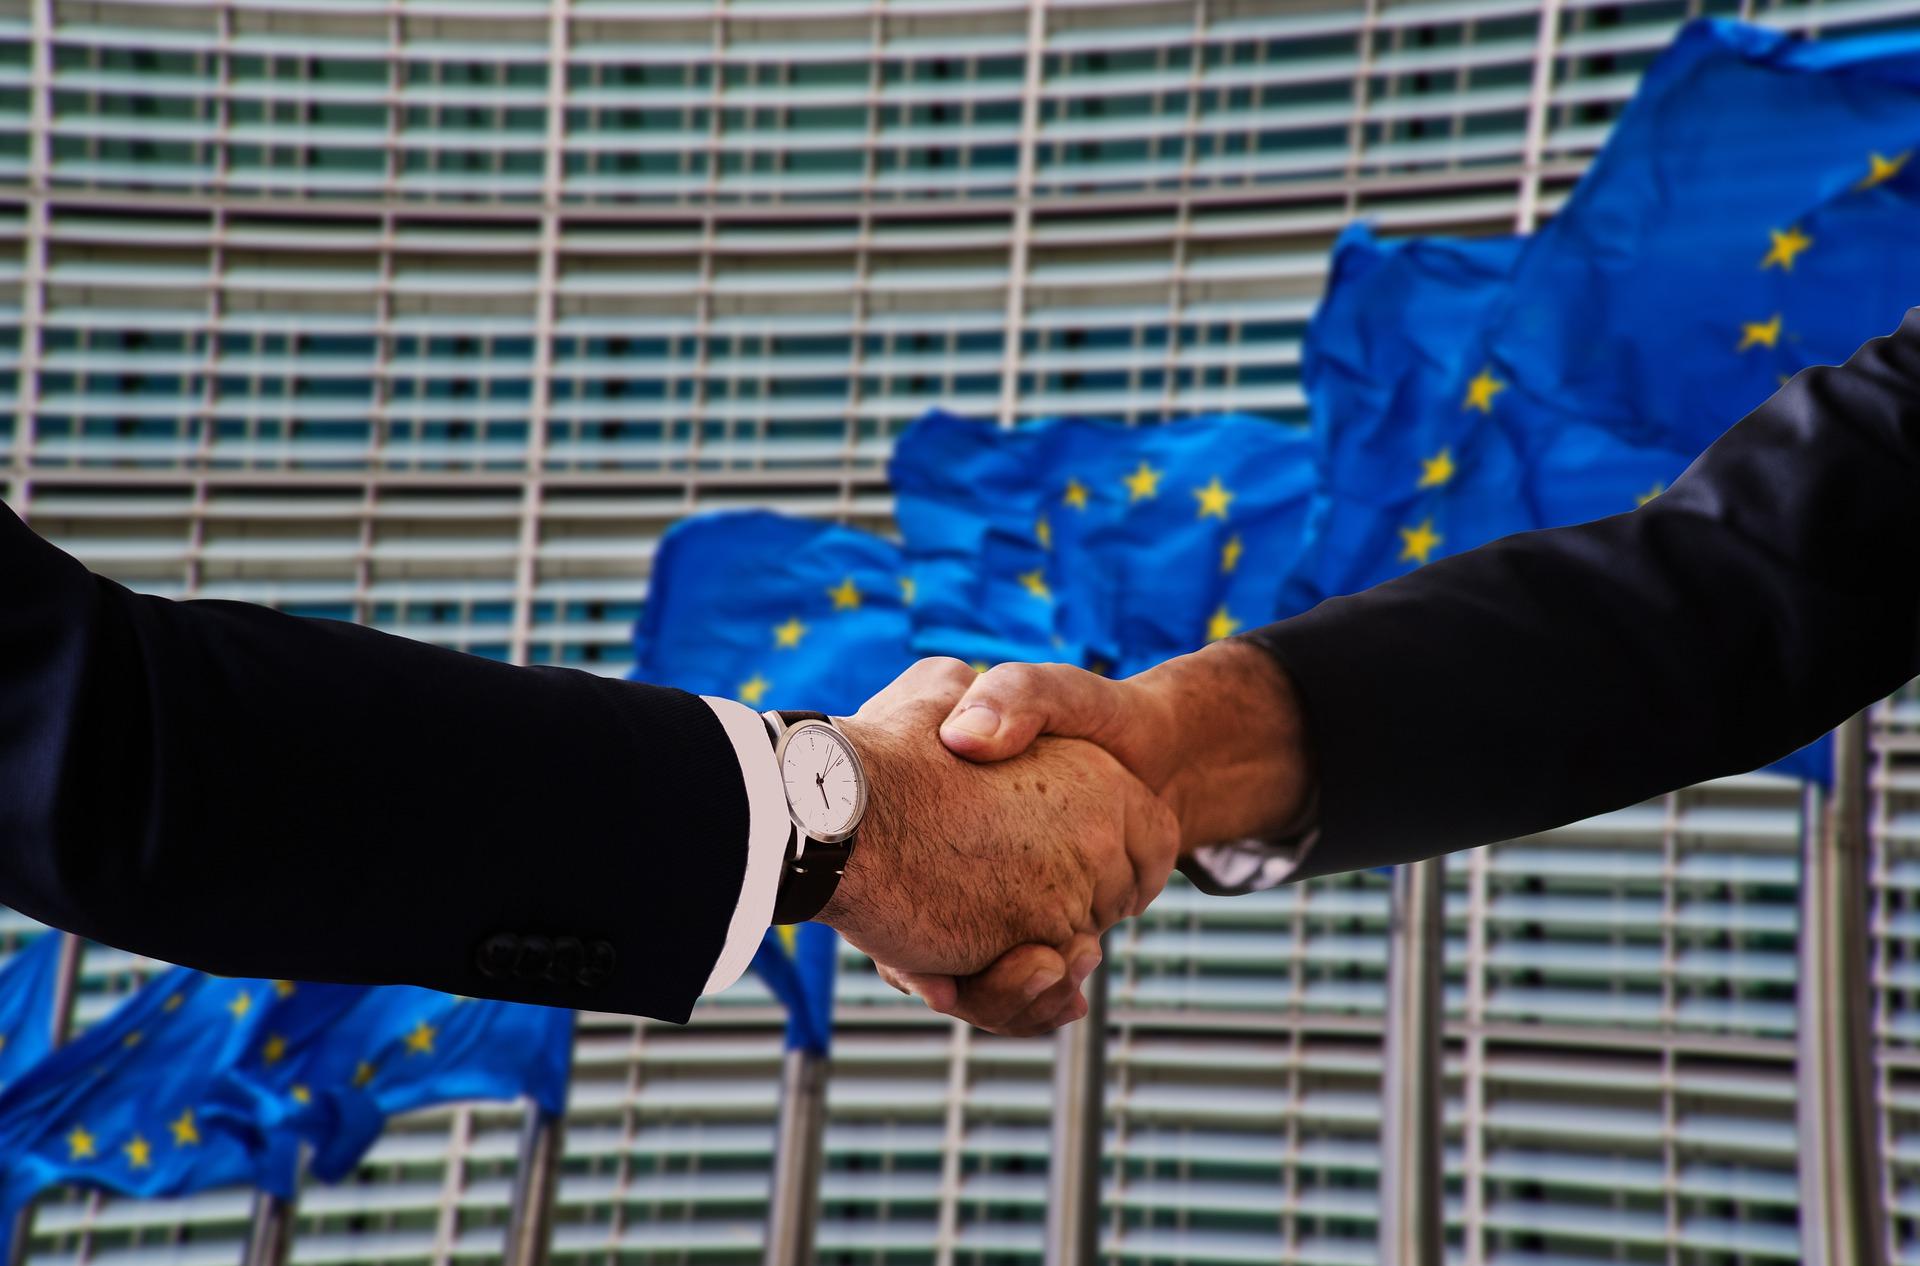 Fiskaltrust du 16.-20. février 2020 à l'EuroShop